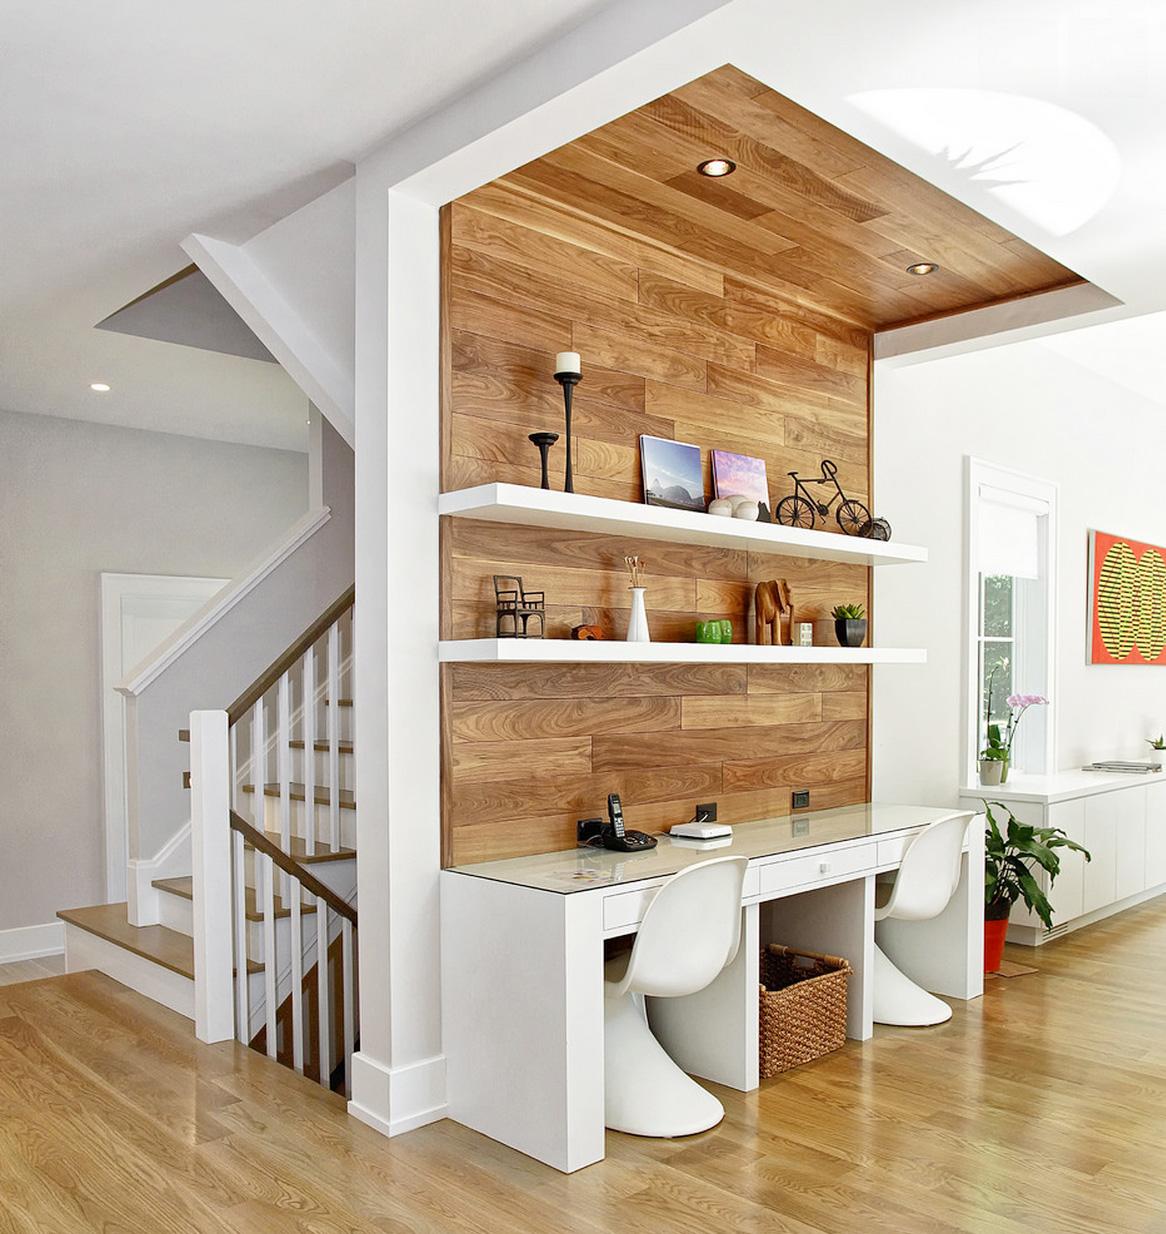 Non-Traditional Wall Décor Ideas to Make a Bold Statement ... on Traditional Kitchen Wall Decor  id=17205